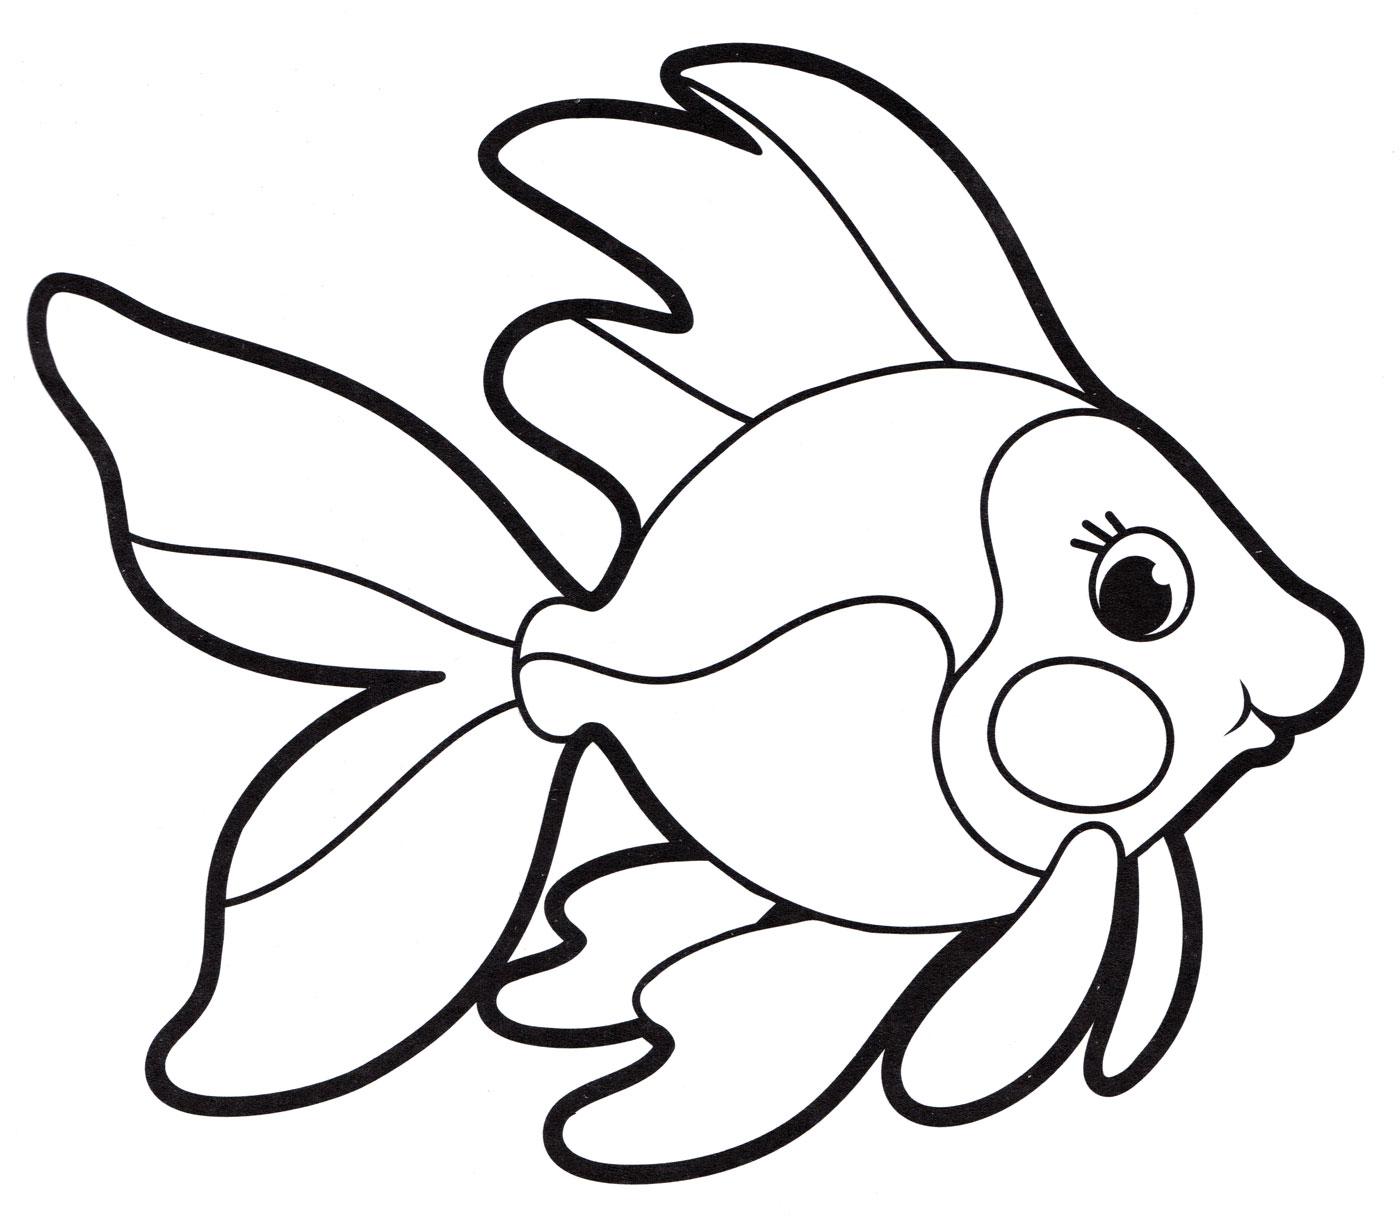 Раскраска Рыбка - распечатать бесплатно